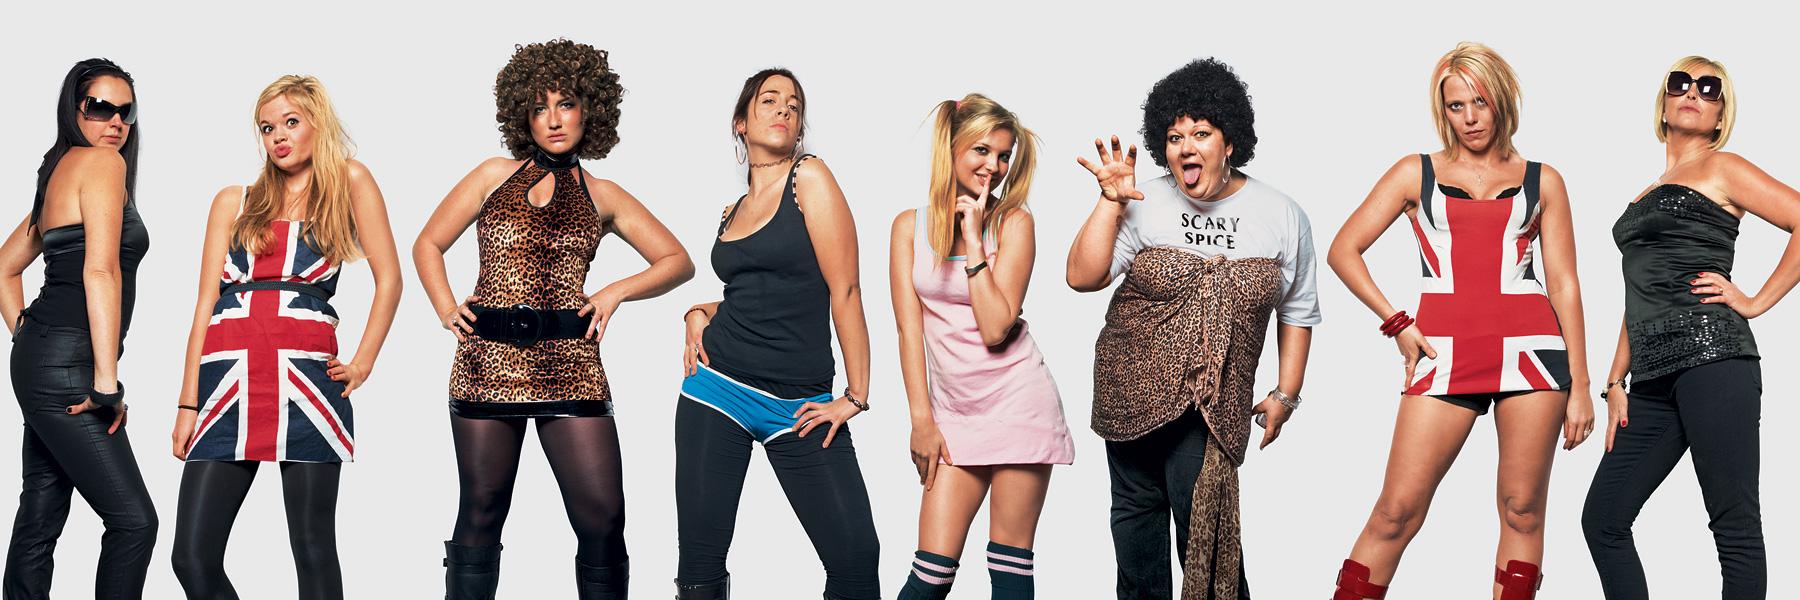 17 SpiceGirls Musik terikat kita bersama